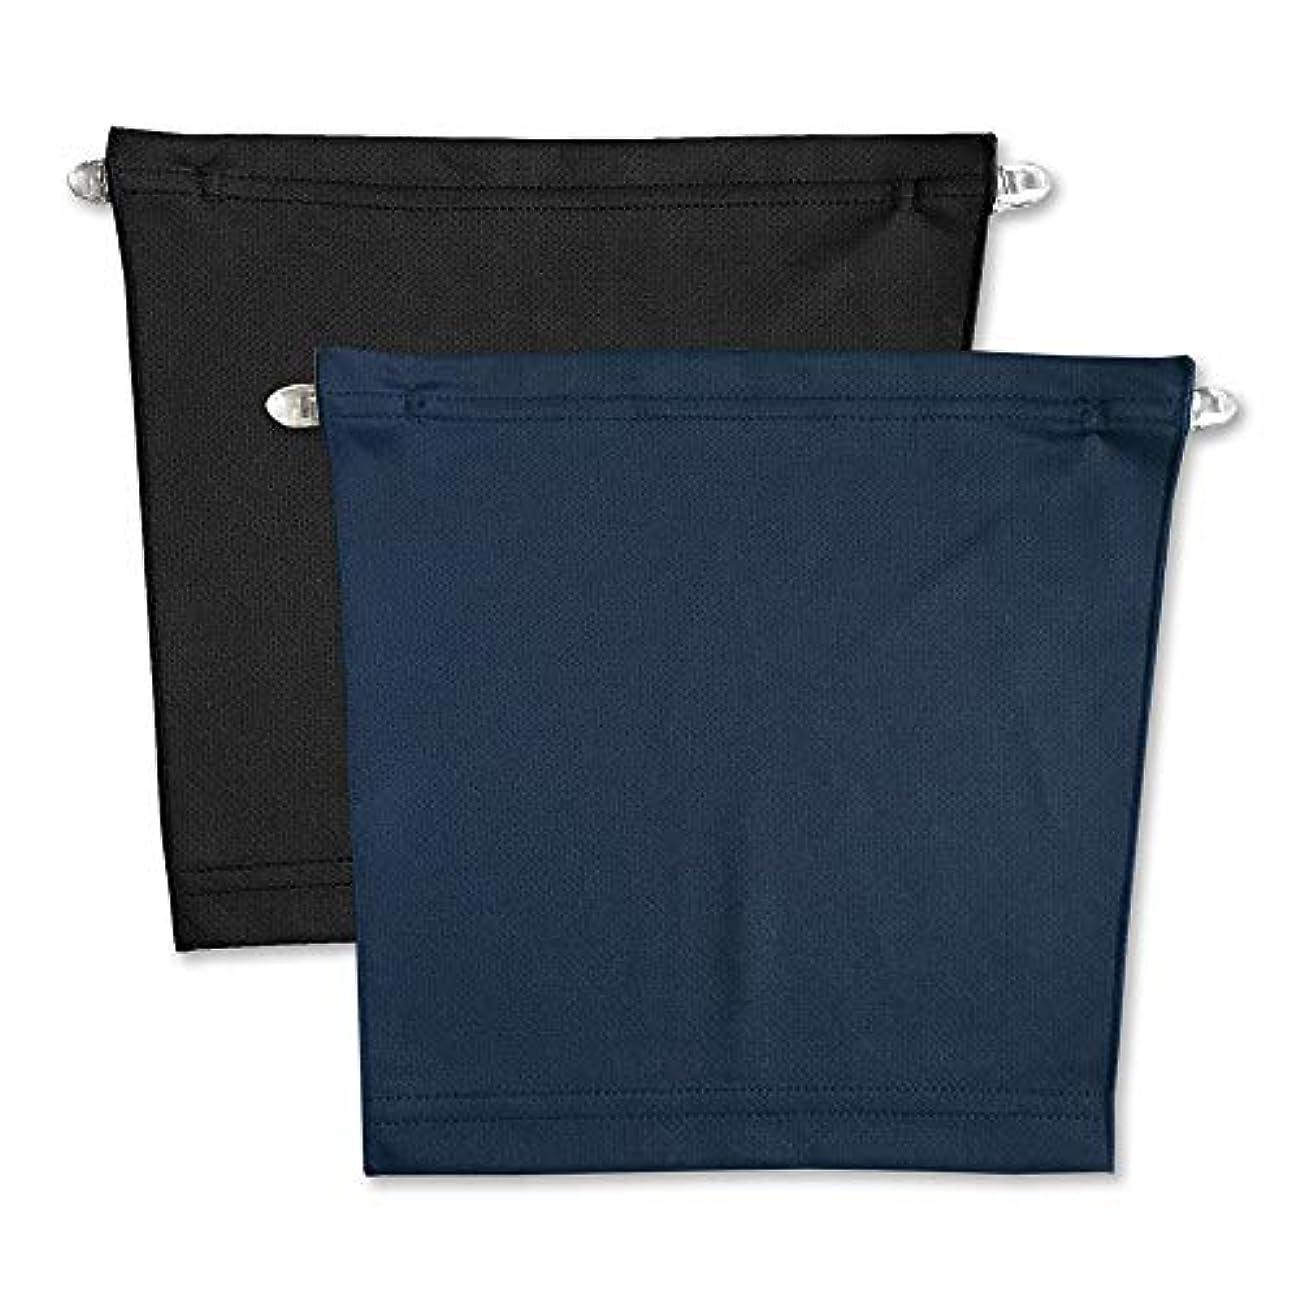 統治する論理的レンドフロントキャミ (2枚組) 胸元隠し UVカット (黒 & ネイビー)